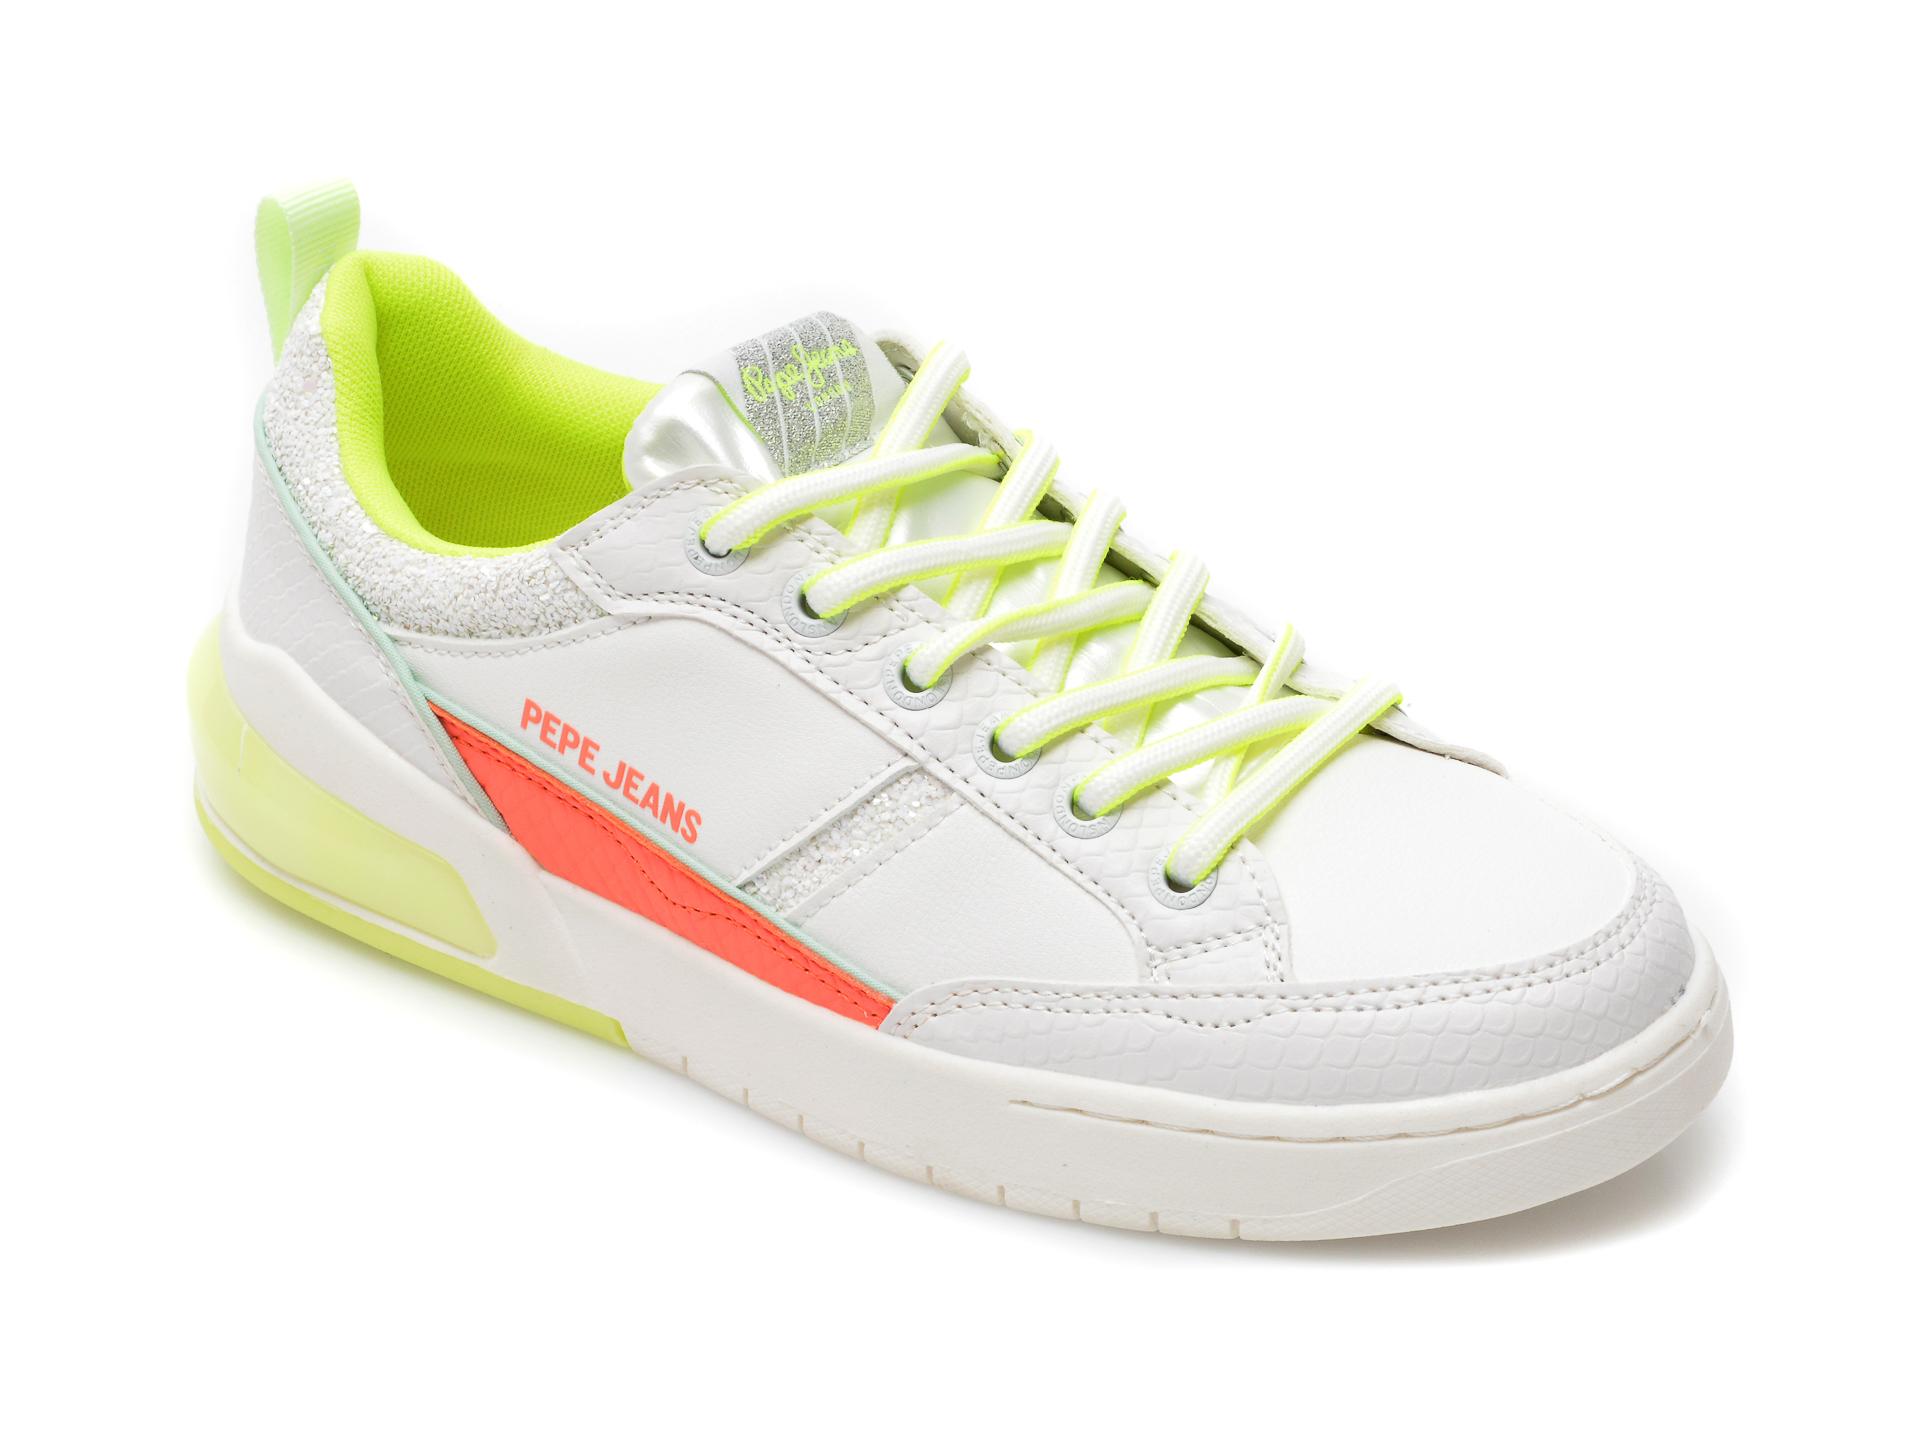 Pantofi sport PEPE JEANS albi, 3118499, din piele ecologica imagine 2021 otter.ro